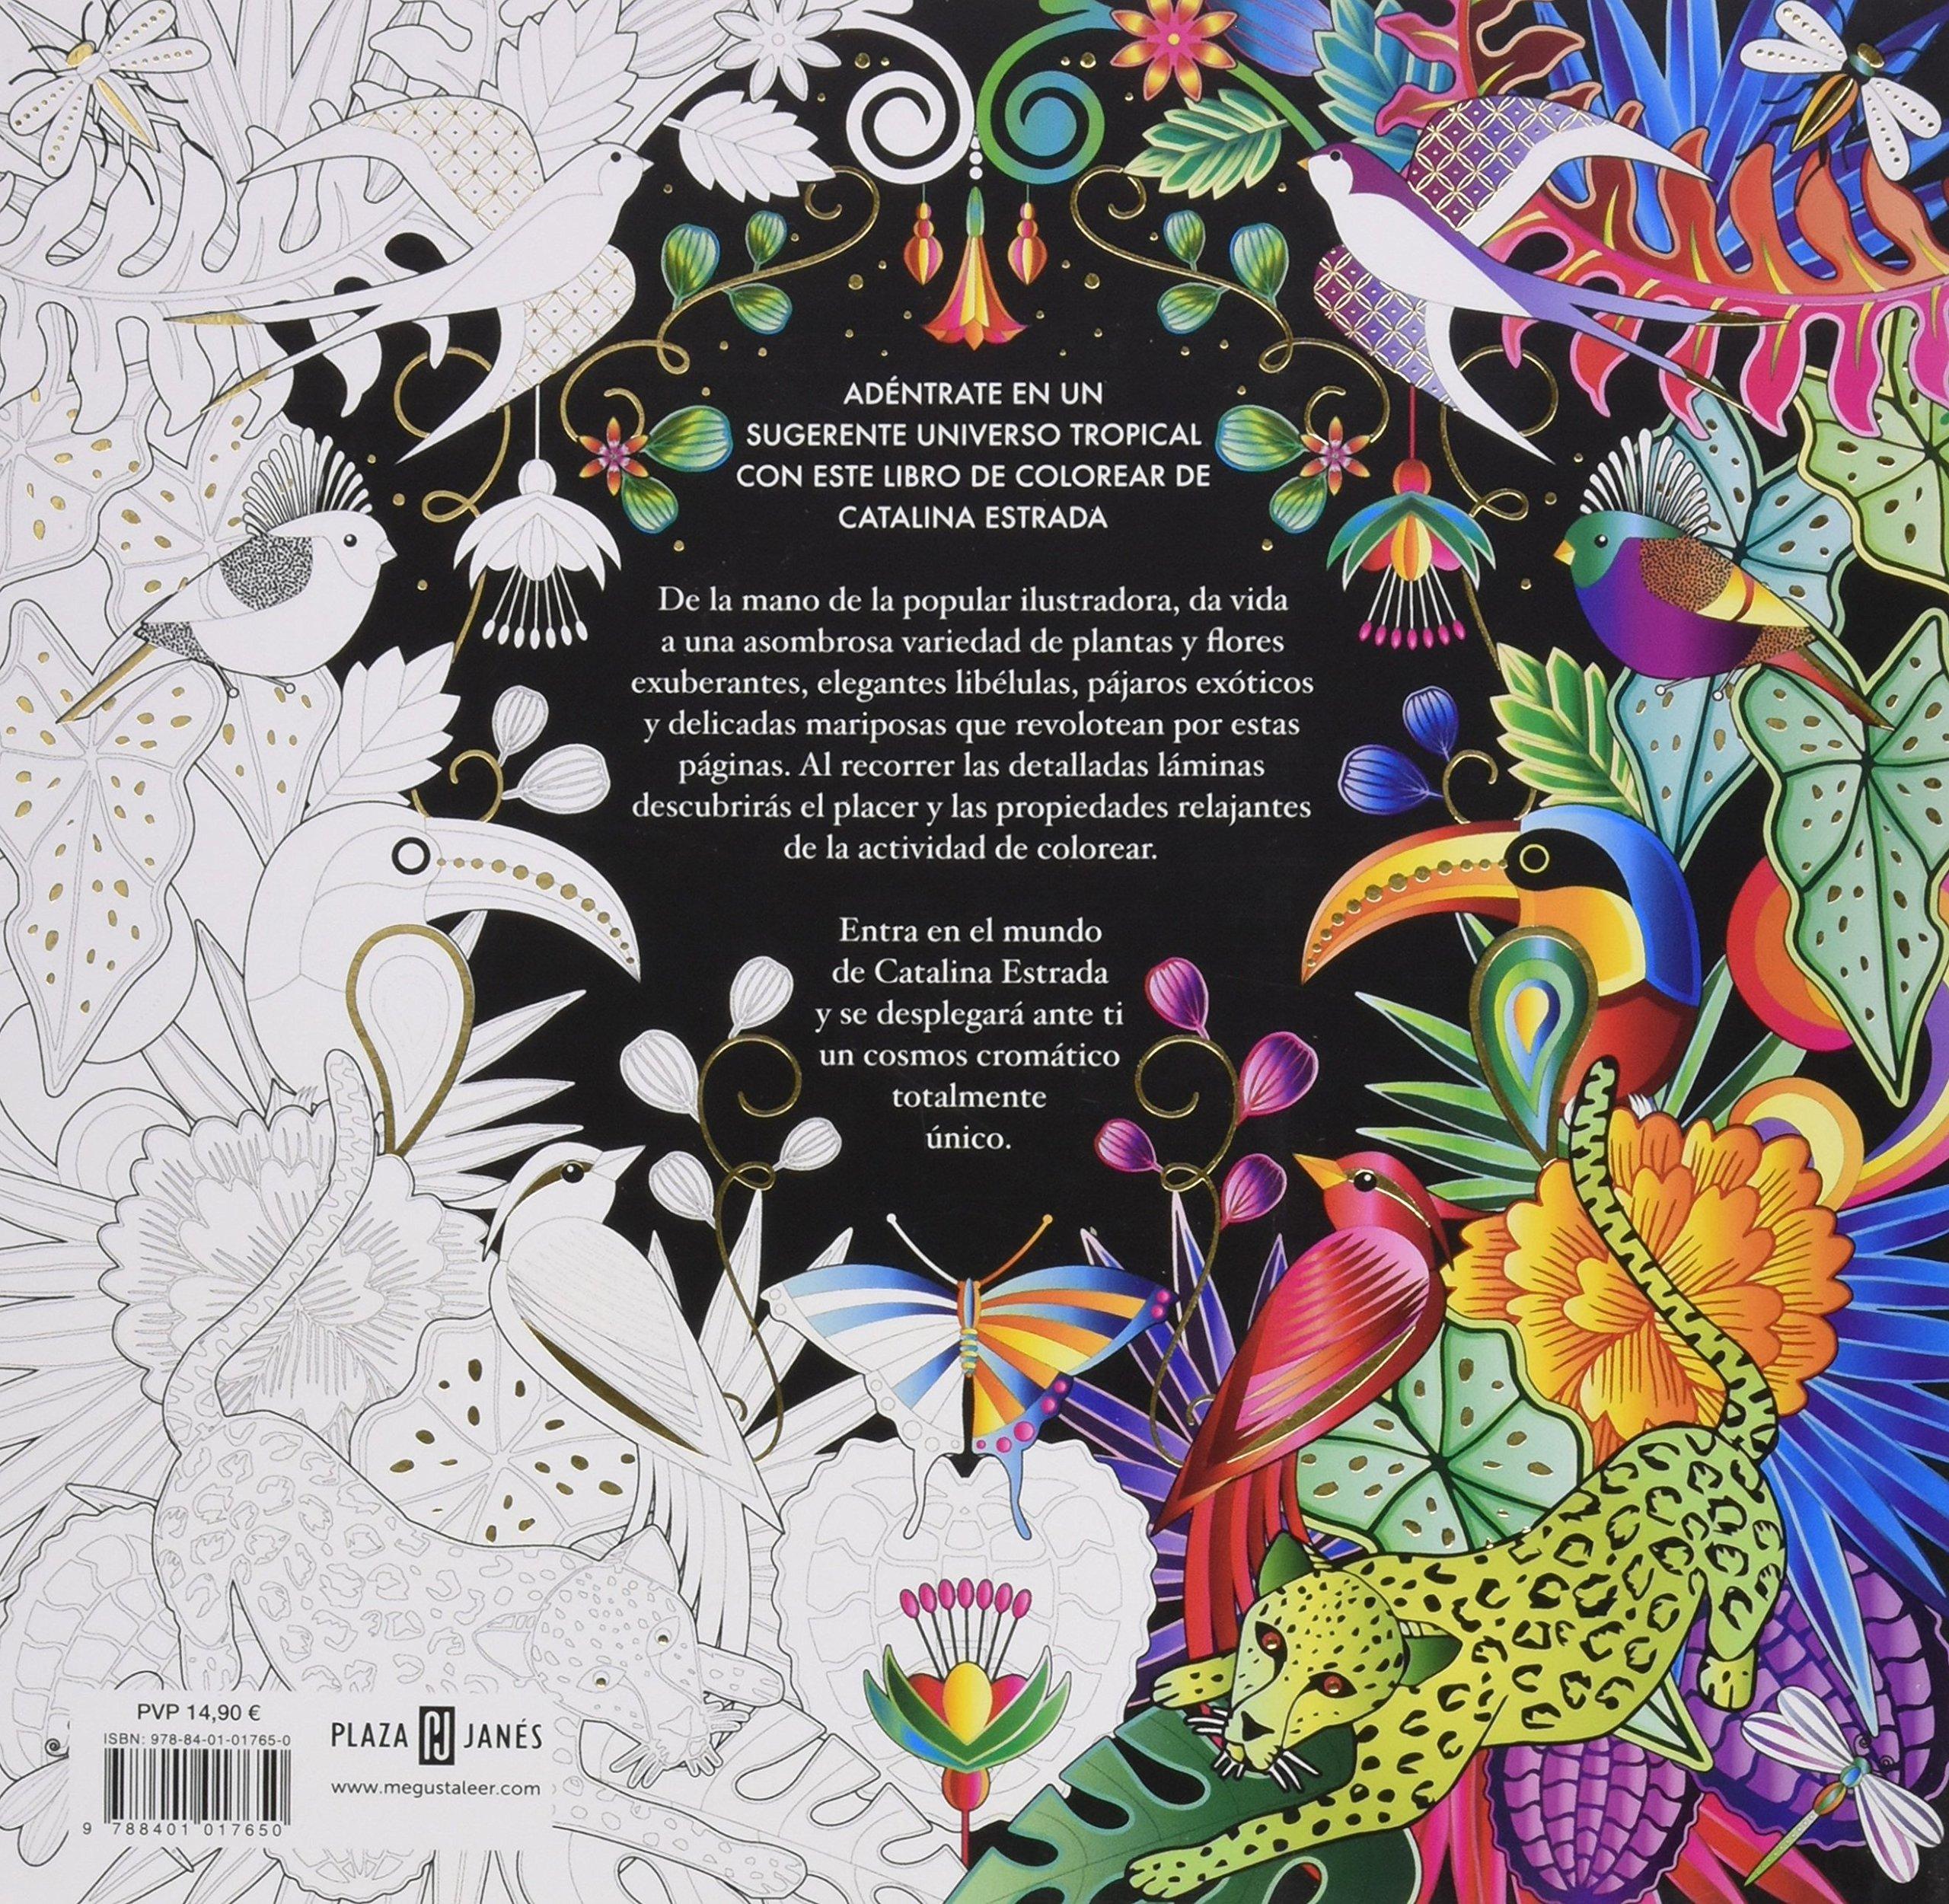 Jungla Cósmica Libro de colorear para adultos OBRAS DIVERSAS: Amazon ...